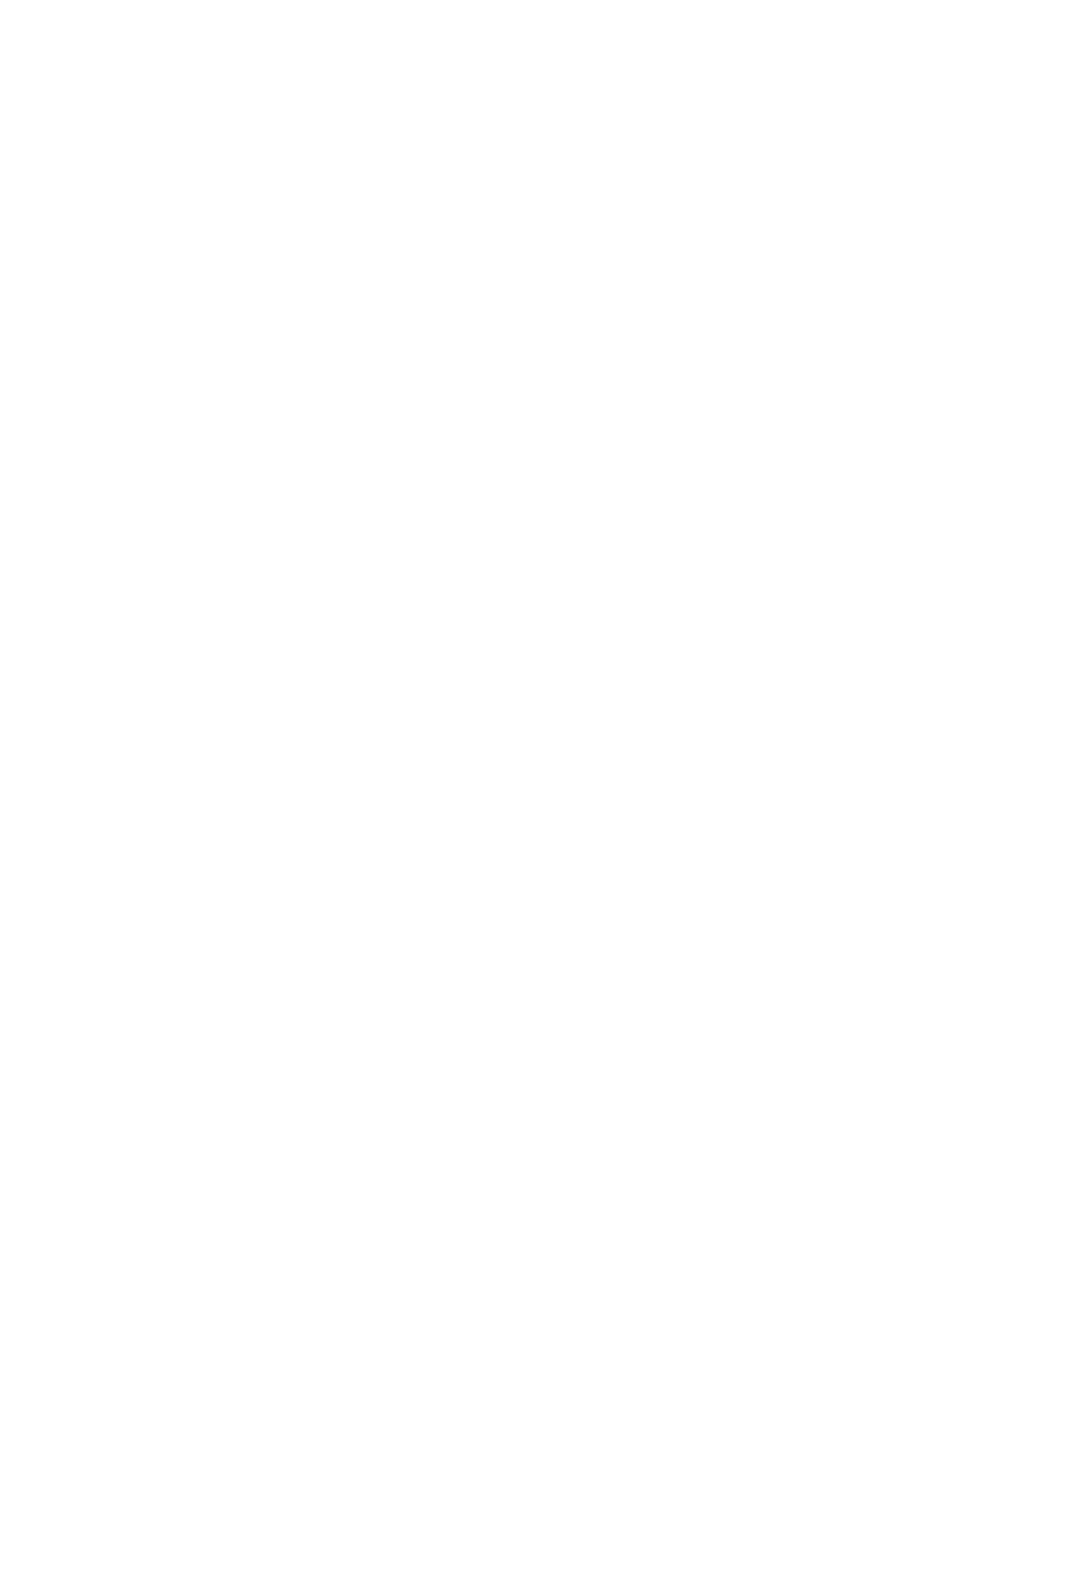 【エロ同人誌】発情乳牛霊に乗っ取られた妖夢ちゃん…膨乳噴乳ムチムチ痴女となりお兄さんとイチャイチャHをして、性快楽を貪ります【東方Project】